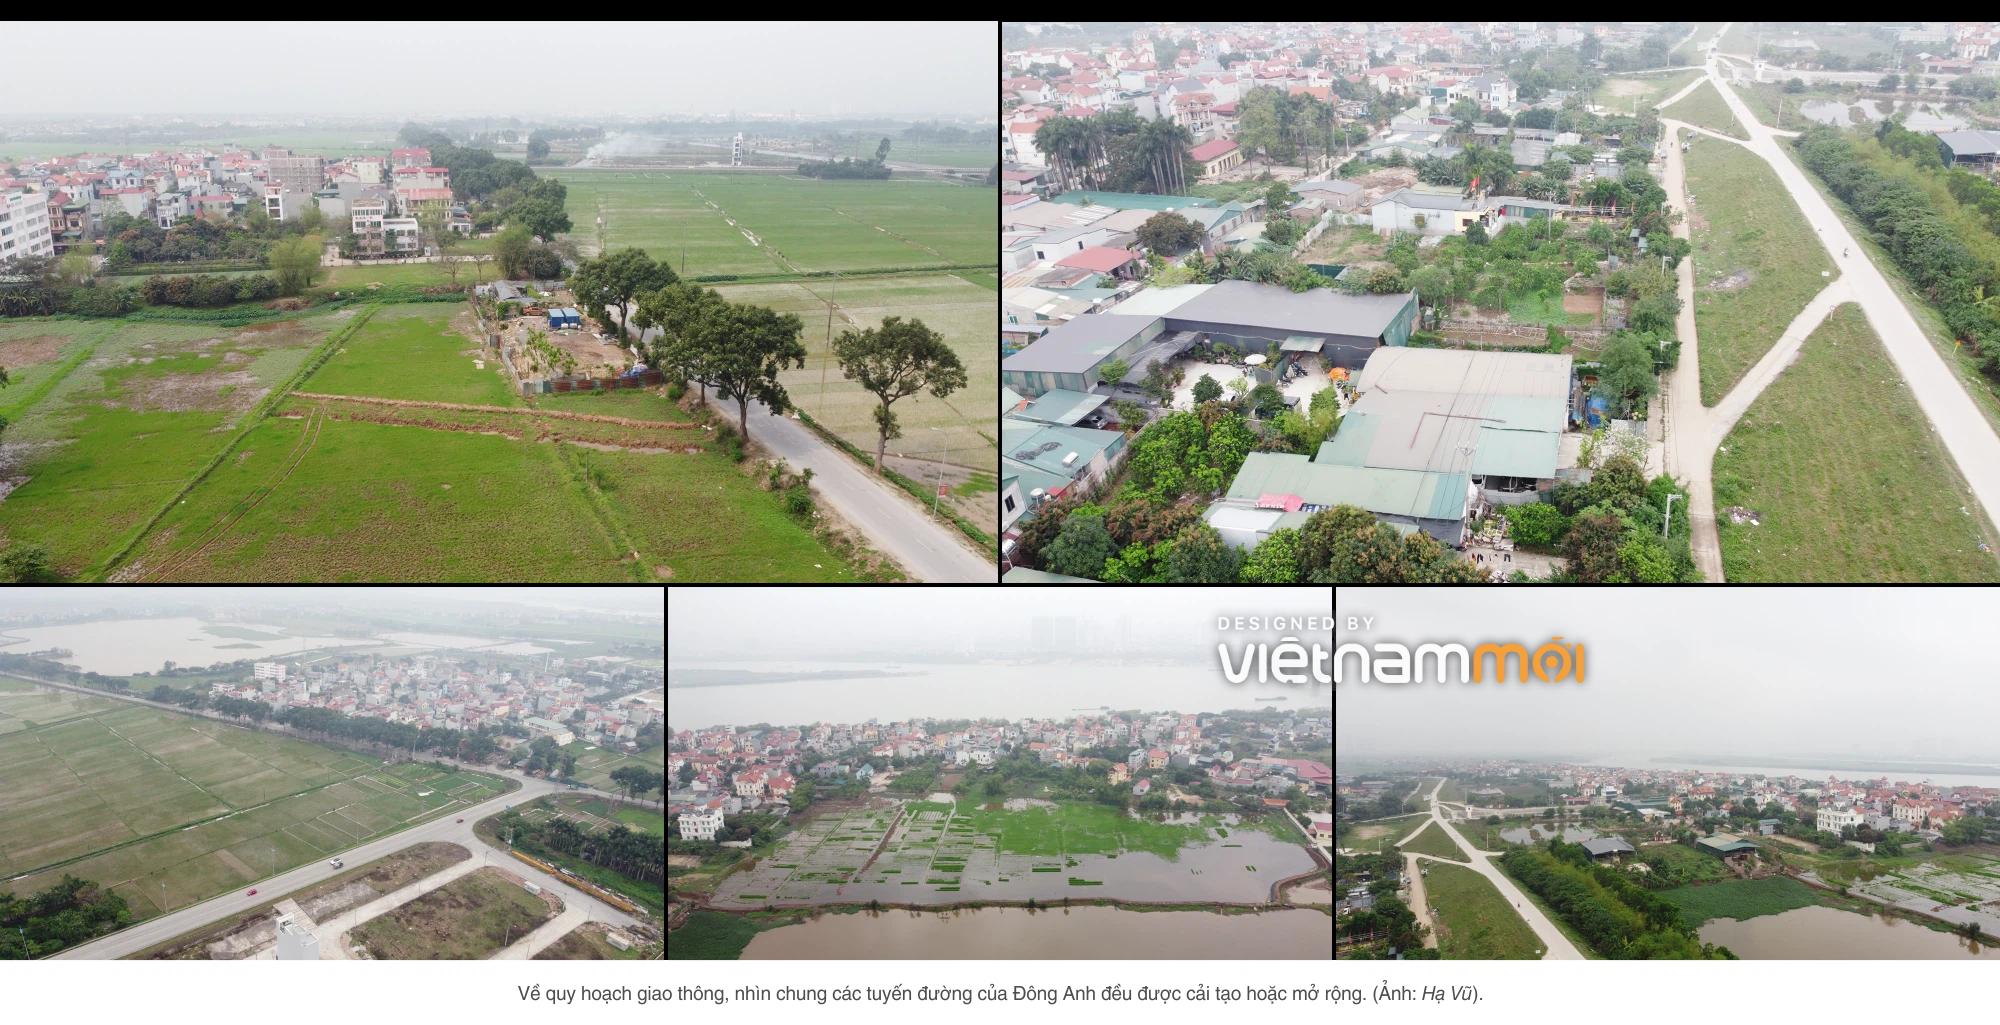 Loạt thông tin quy hoạch nên biết khi mua nhà đất ở Đông Anh, Hà Nội - Ảnh 13.